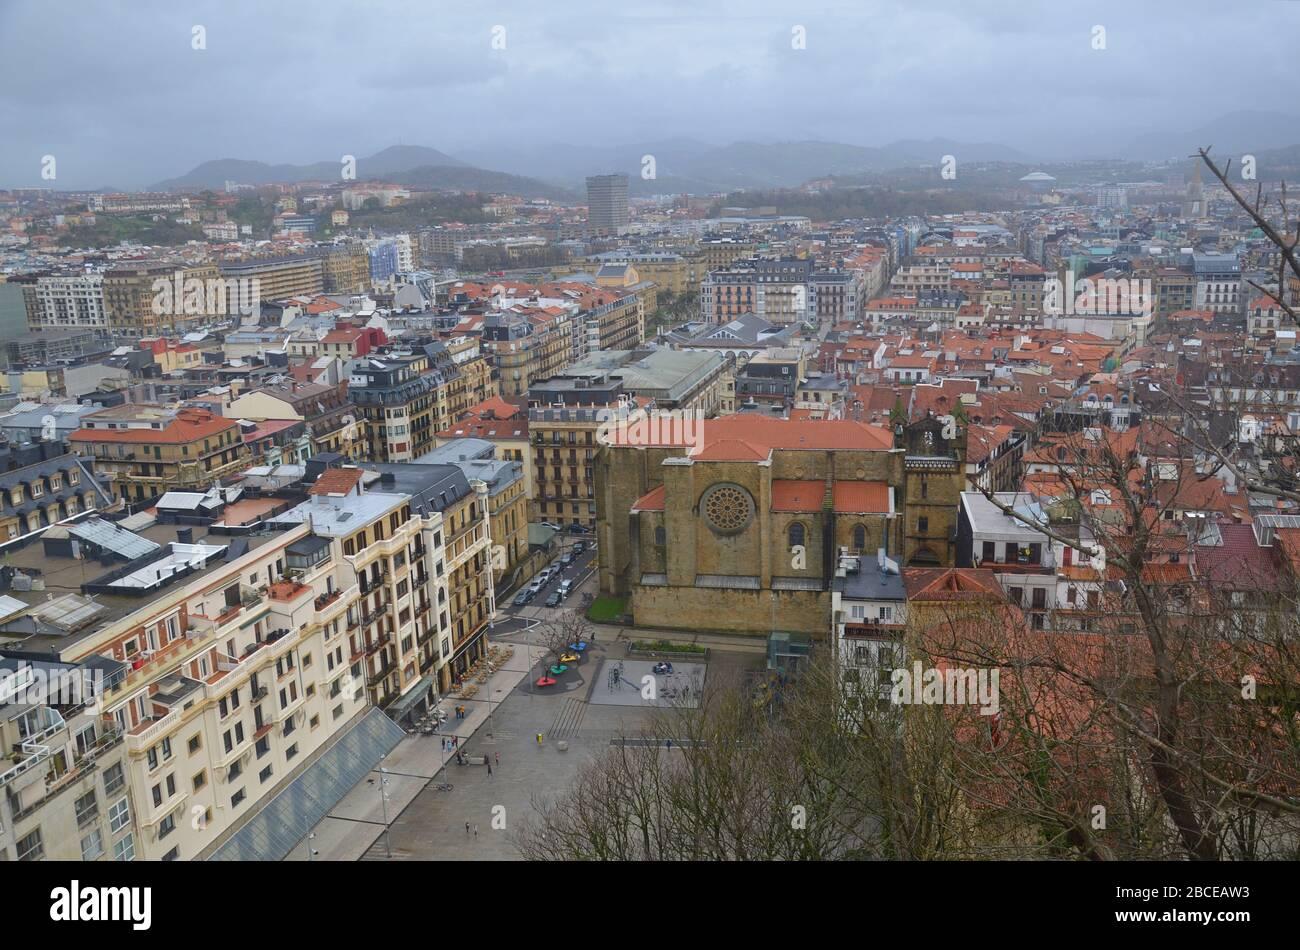 San Sebastian-Donostia im Baskenland, Spanien, an der Atlantik Küste: Blick von der Festung Stock Photo